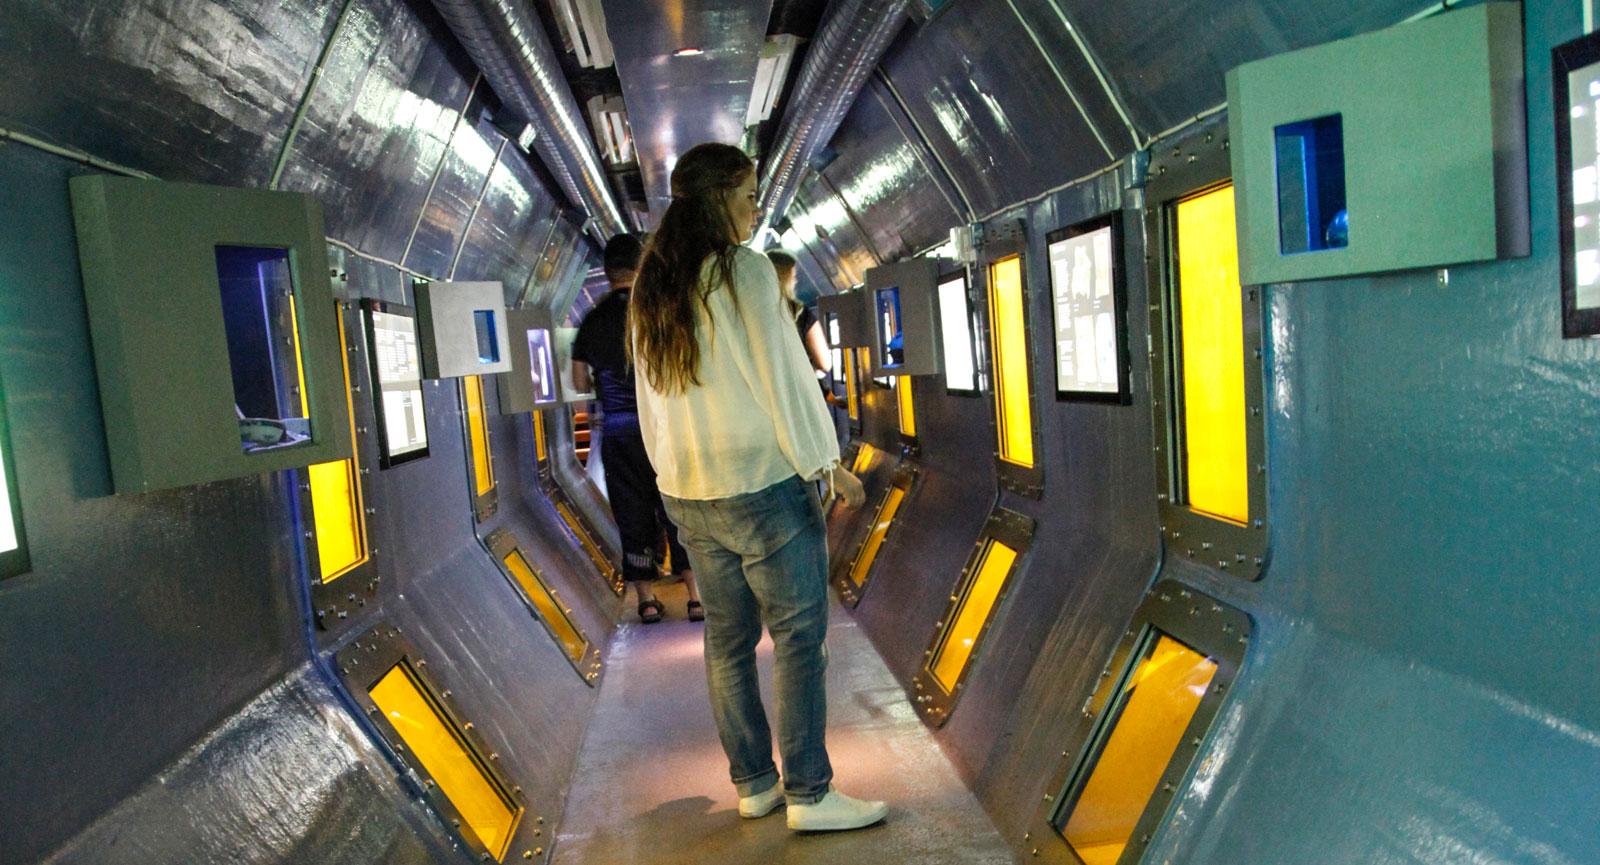 Undervattenstunnel där du kan skymta ett vrak utanför.